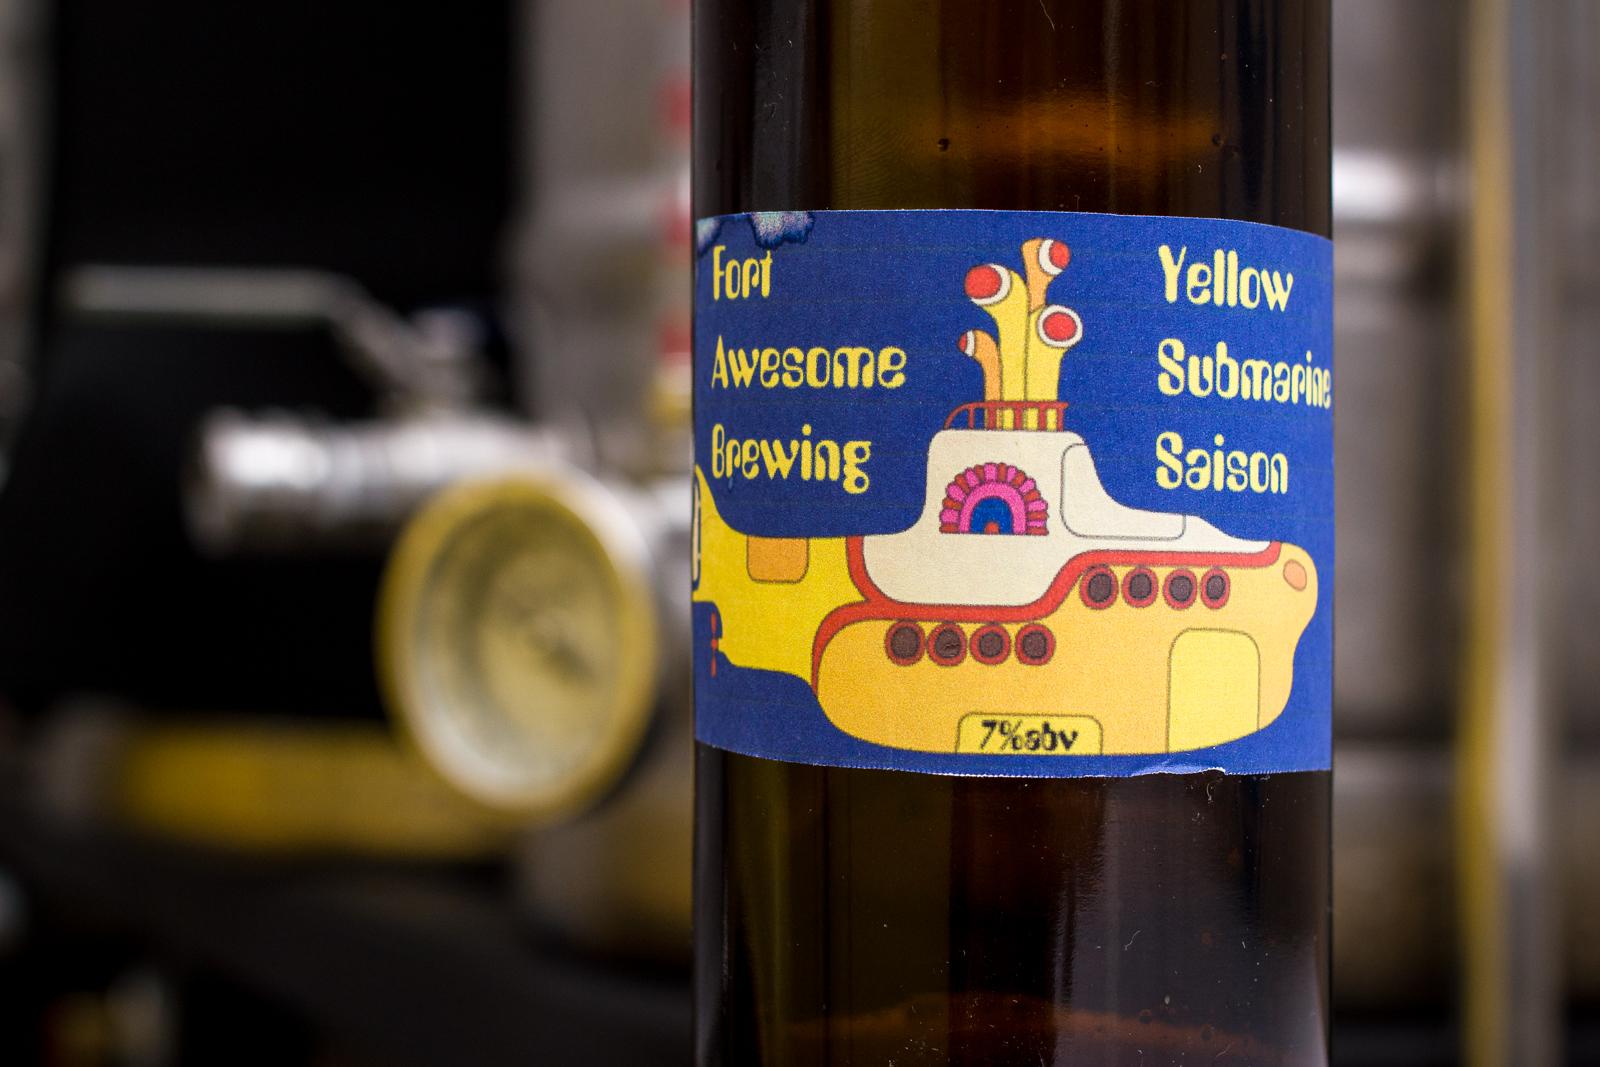 Greg Nagel's Yellow Submarine Saison